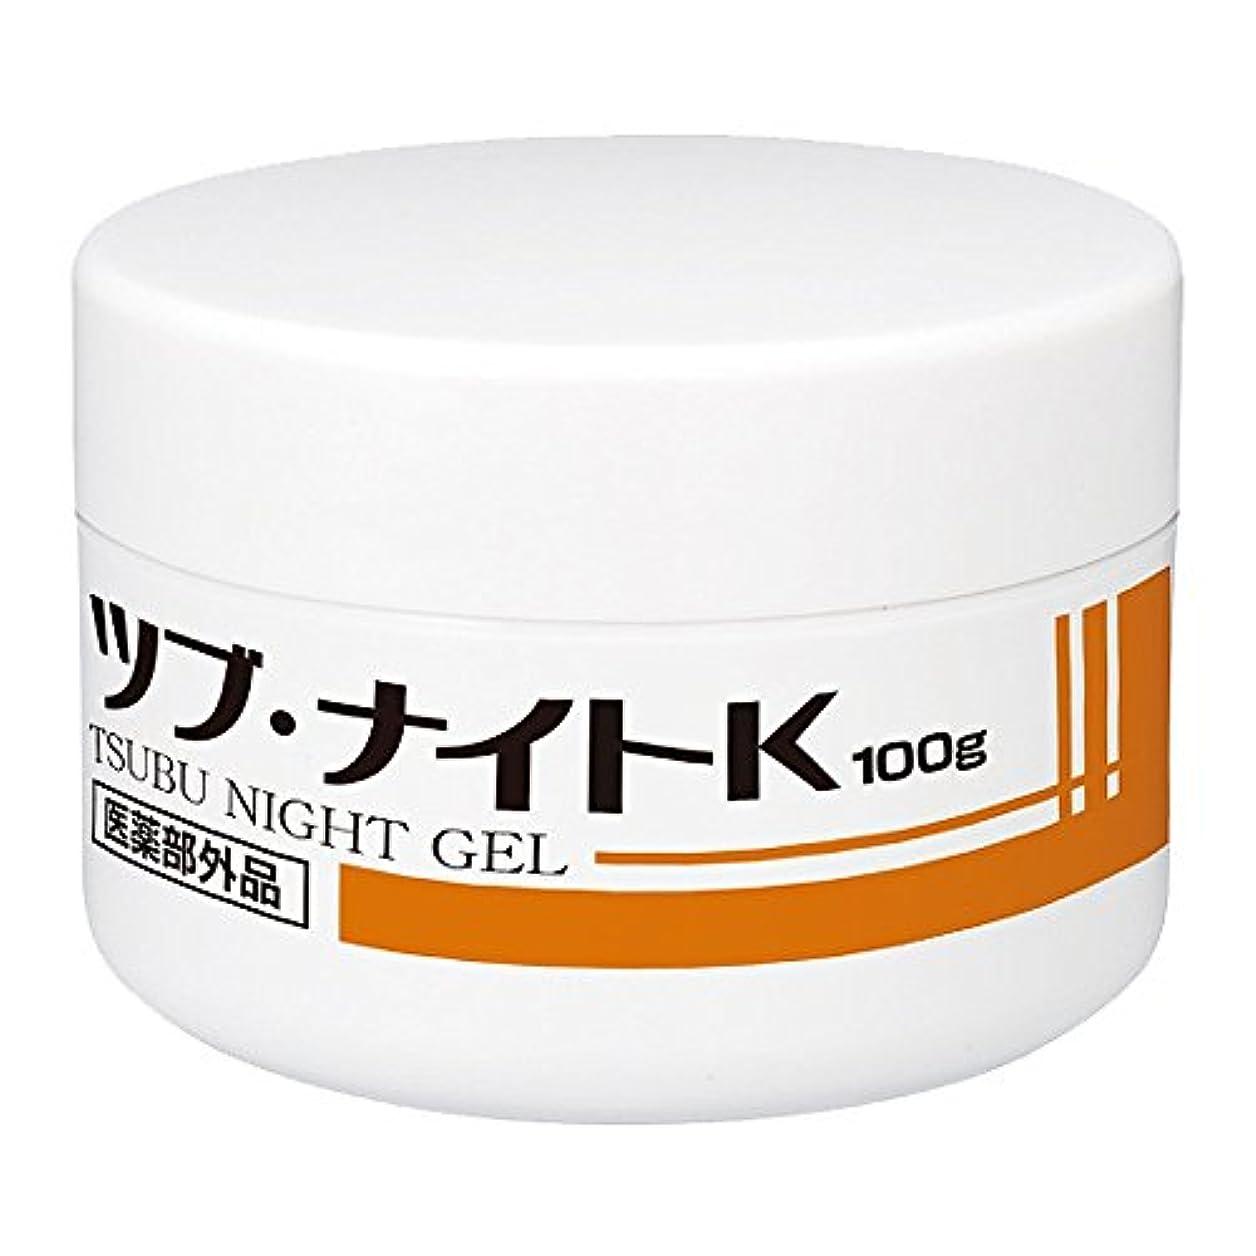 シェモア 薬用ツブ?ナイトKゲル 【医薬部外品】 100g